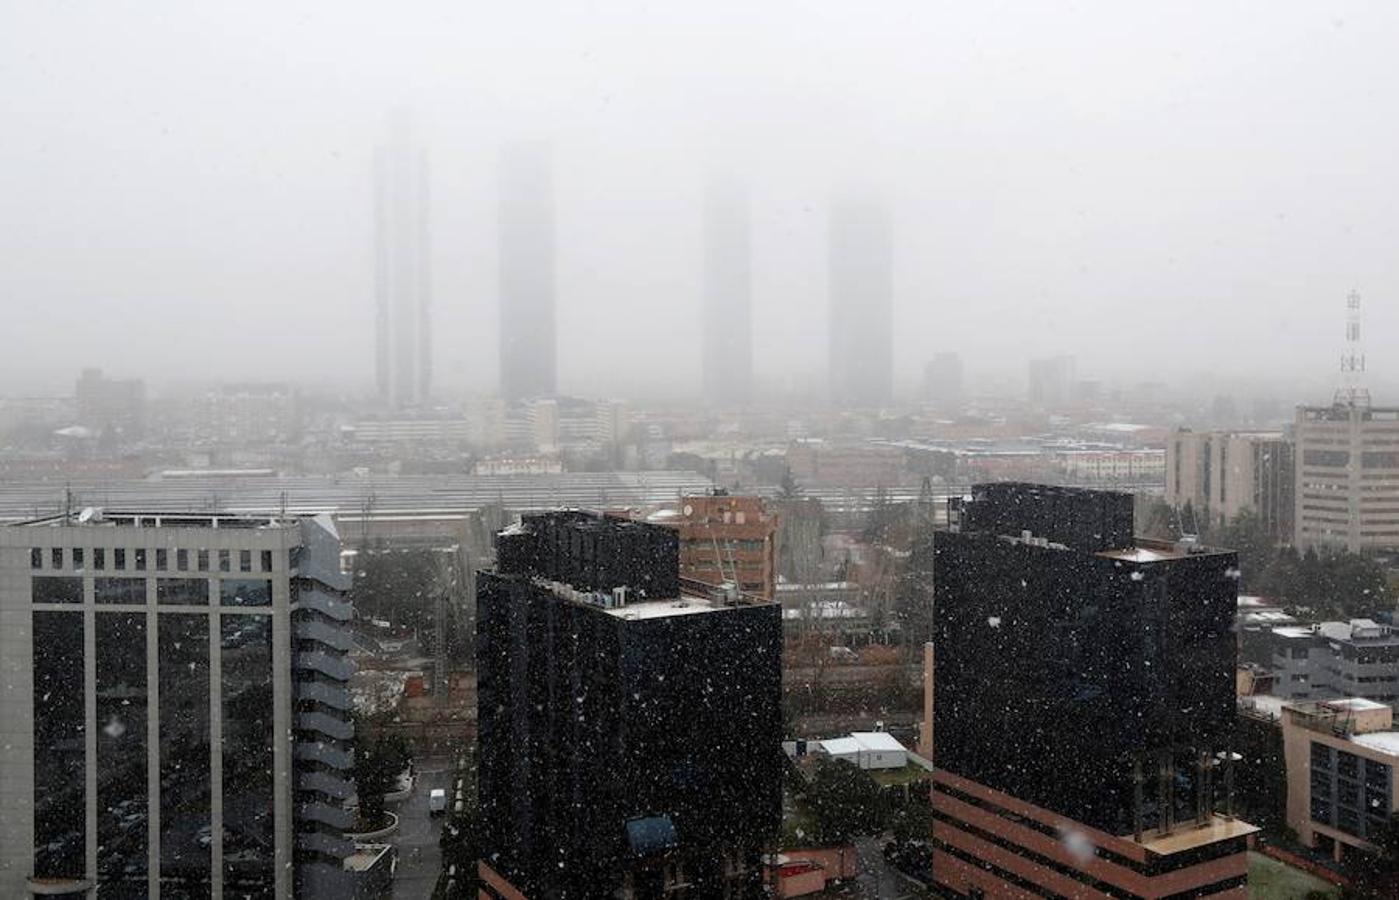 La nieve en Madrid ha empezado tímida y cayendo sobre mojado, pero a media mañana ha conseguido cuajar sobre vehículos y jardines. Vista del distrito financiero Cuatro Torres Business Area